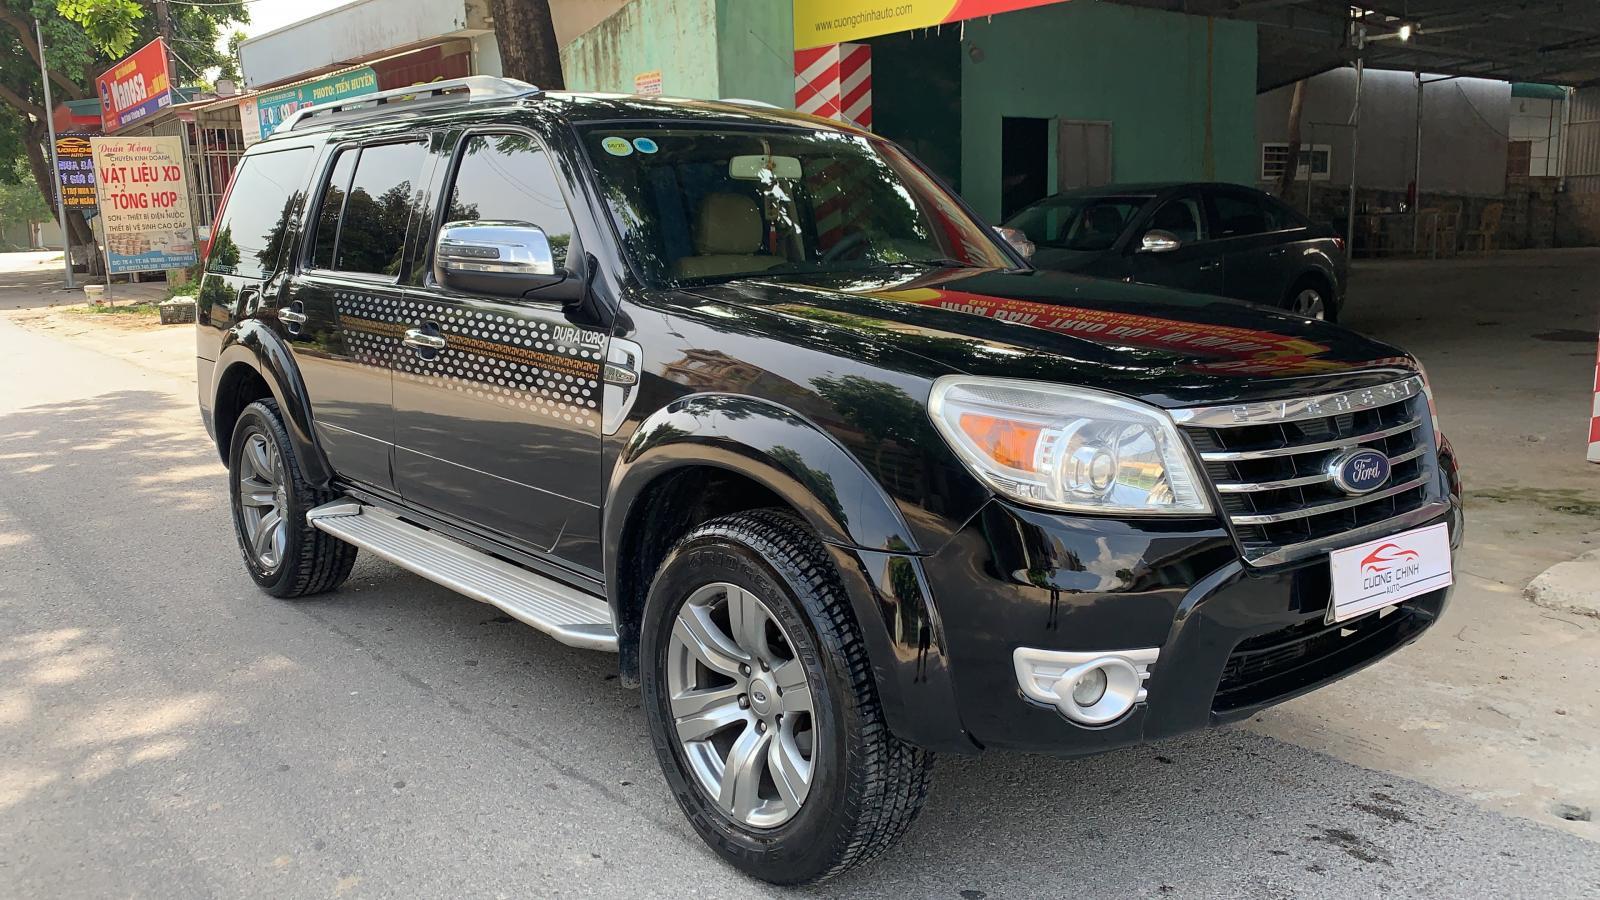 Bán ô tô Ford Everest 2.5at đời 2010, màu đen, 430tr